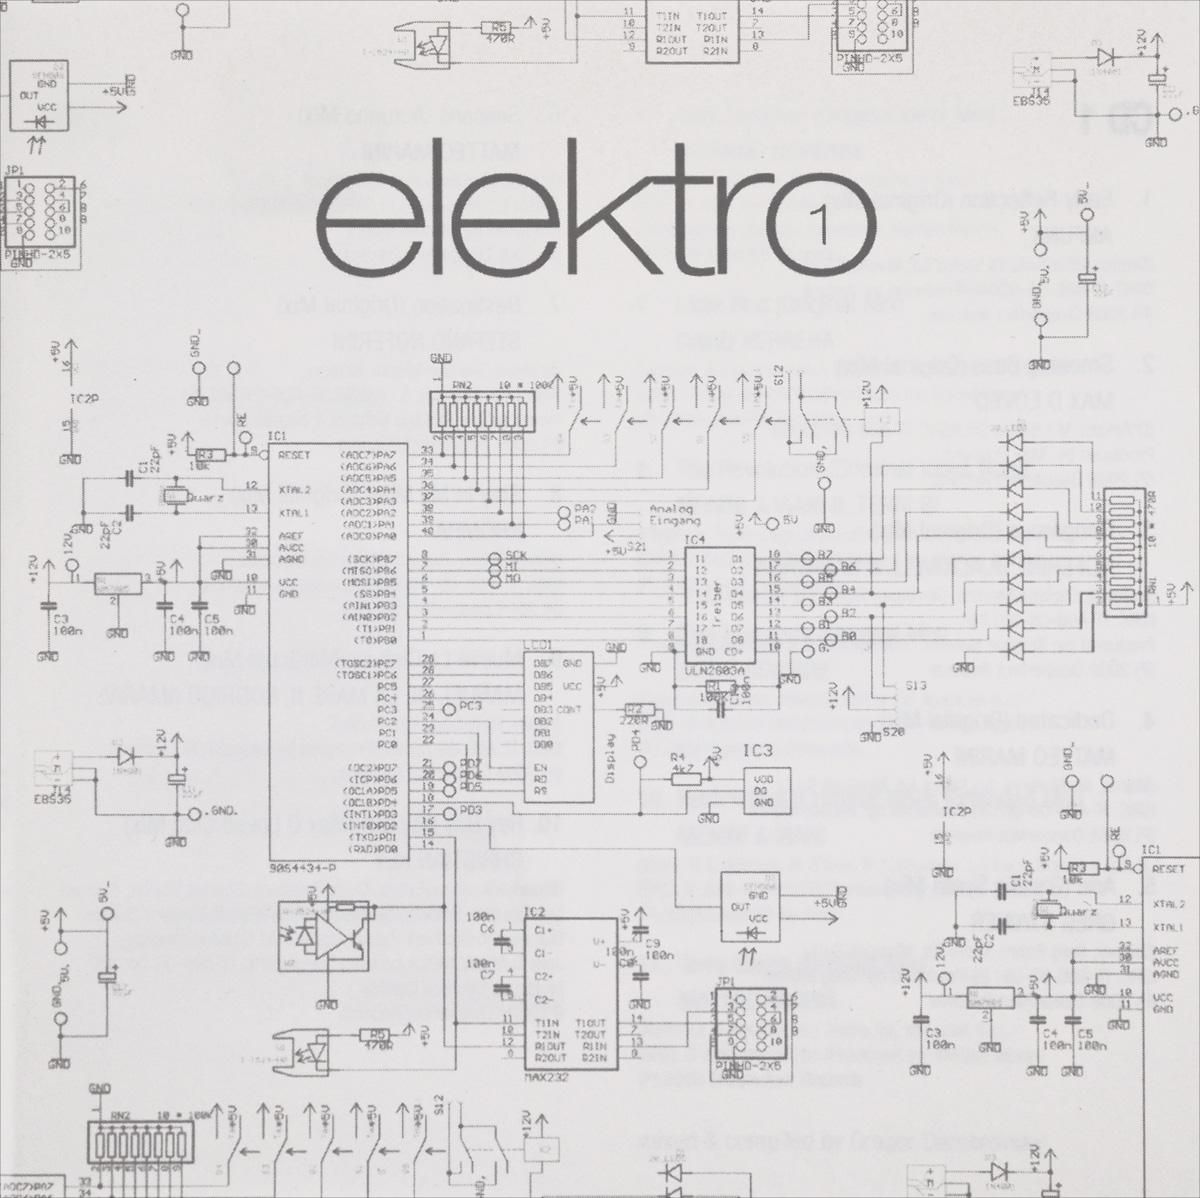 Elektro Vol. 1 (2 CD)